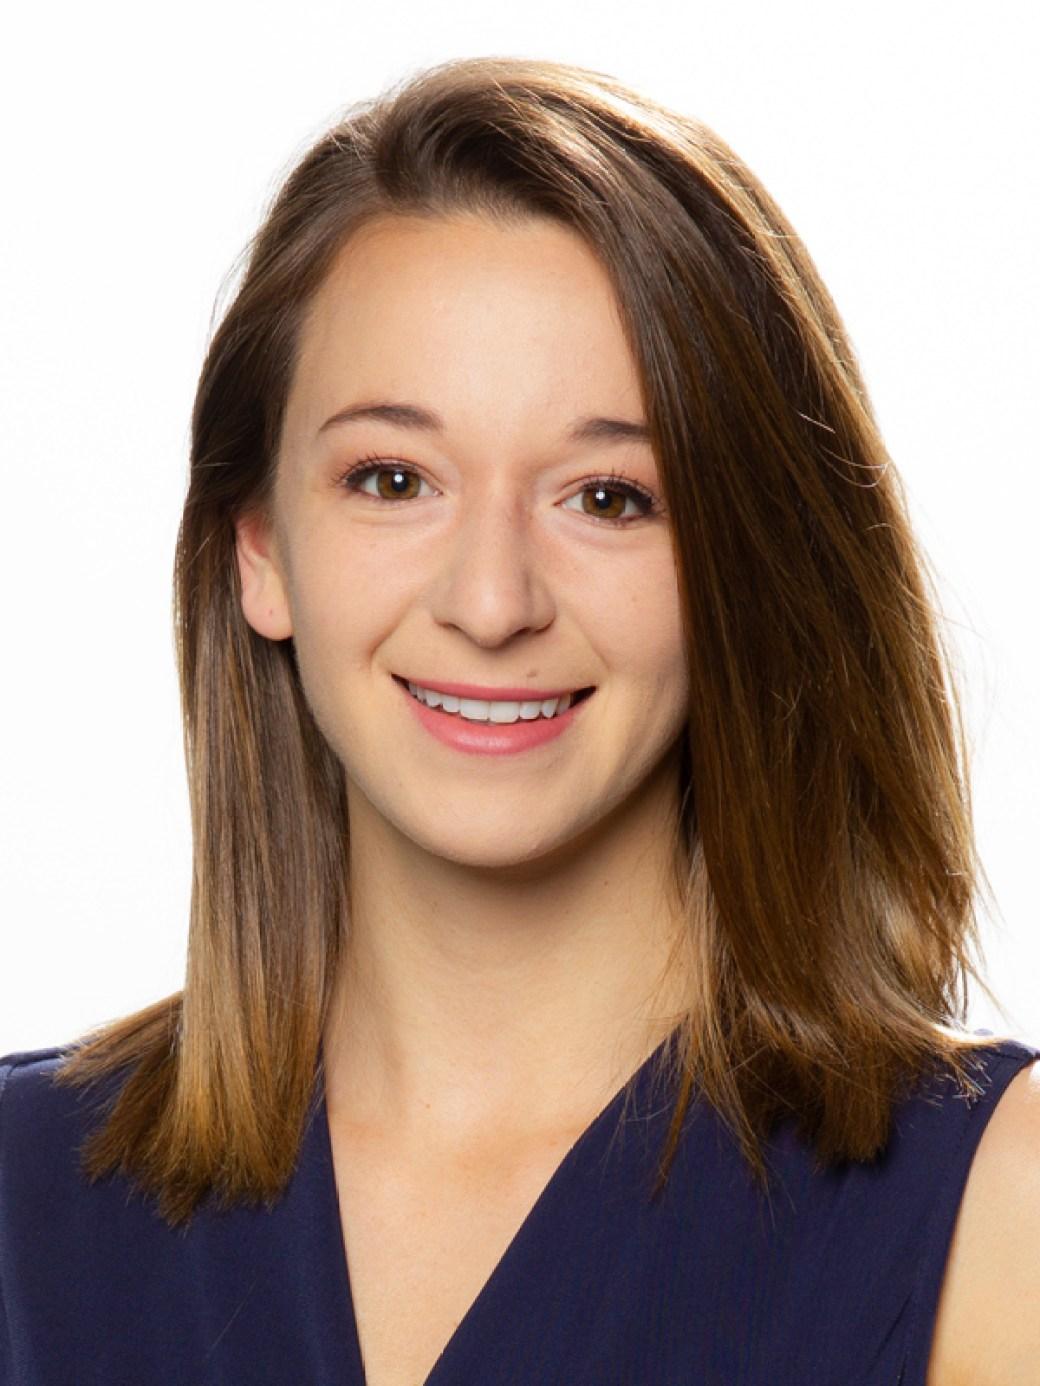 Tess Bargebuhr